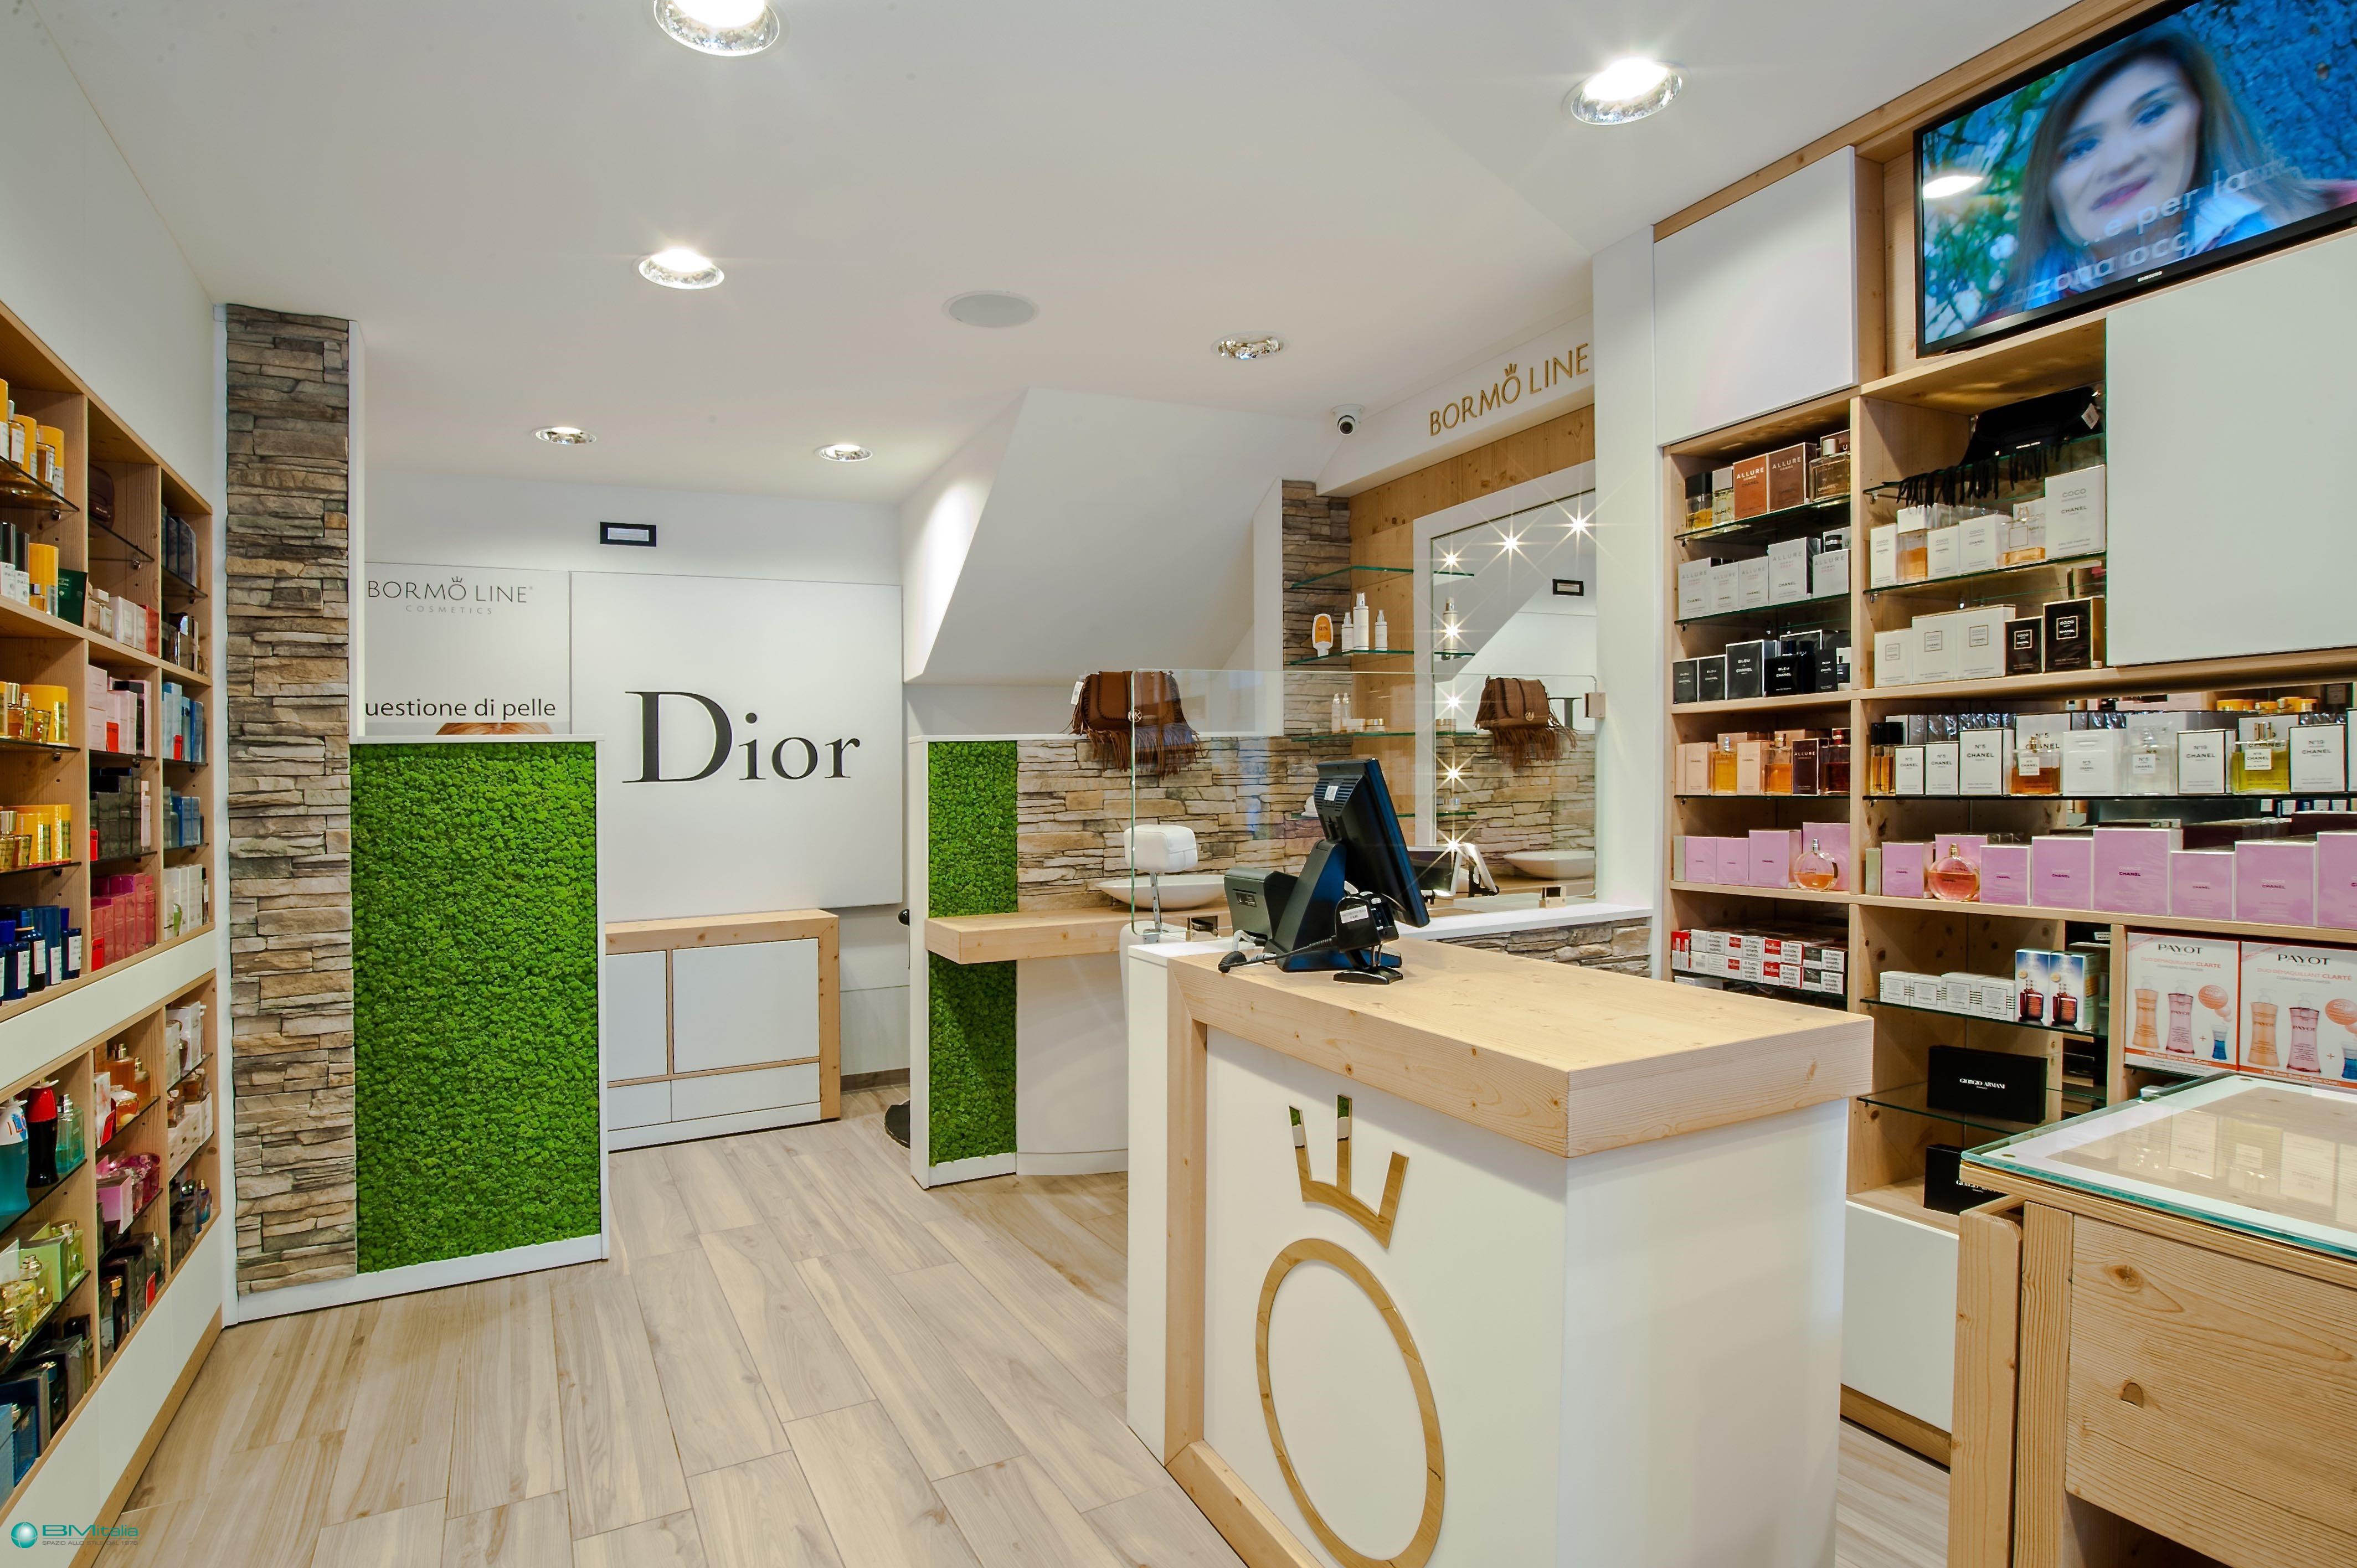 Arredo per negozi profumeria cosmetica duty free for Arredo profumeria